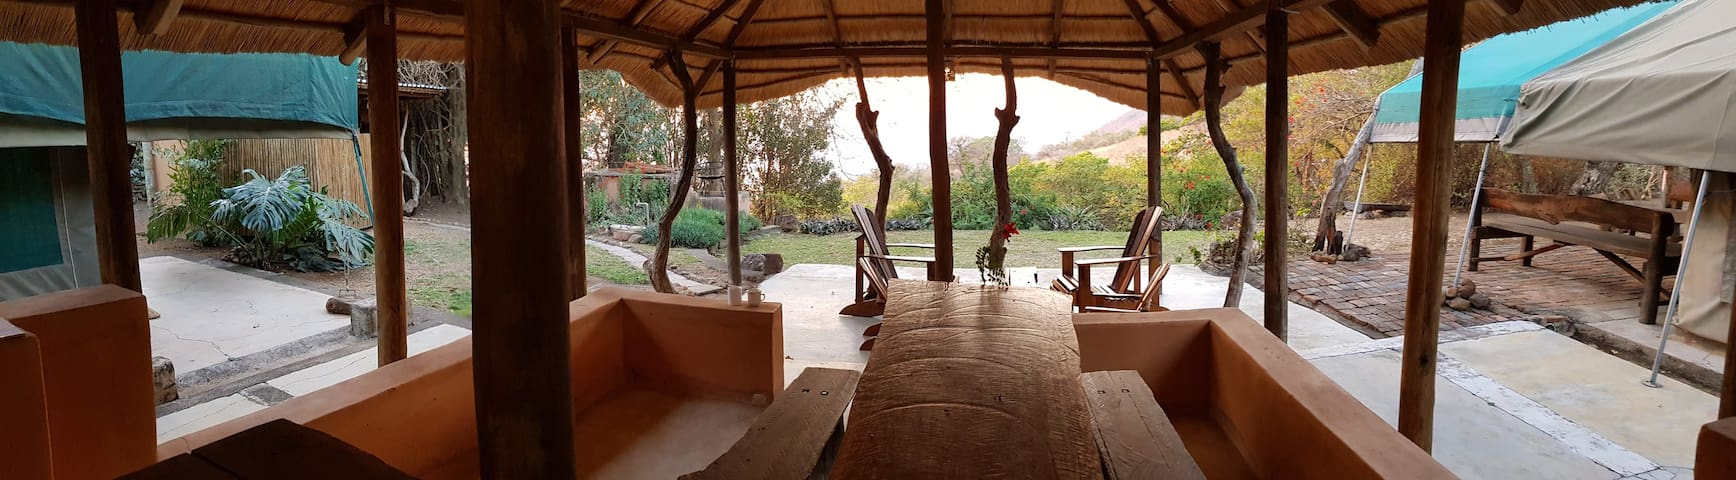 Wide Horizons - Weavers Nest (Luxury Safari Tent)